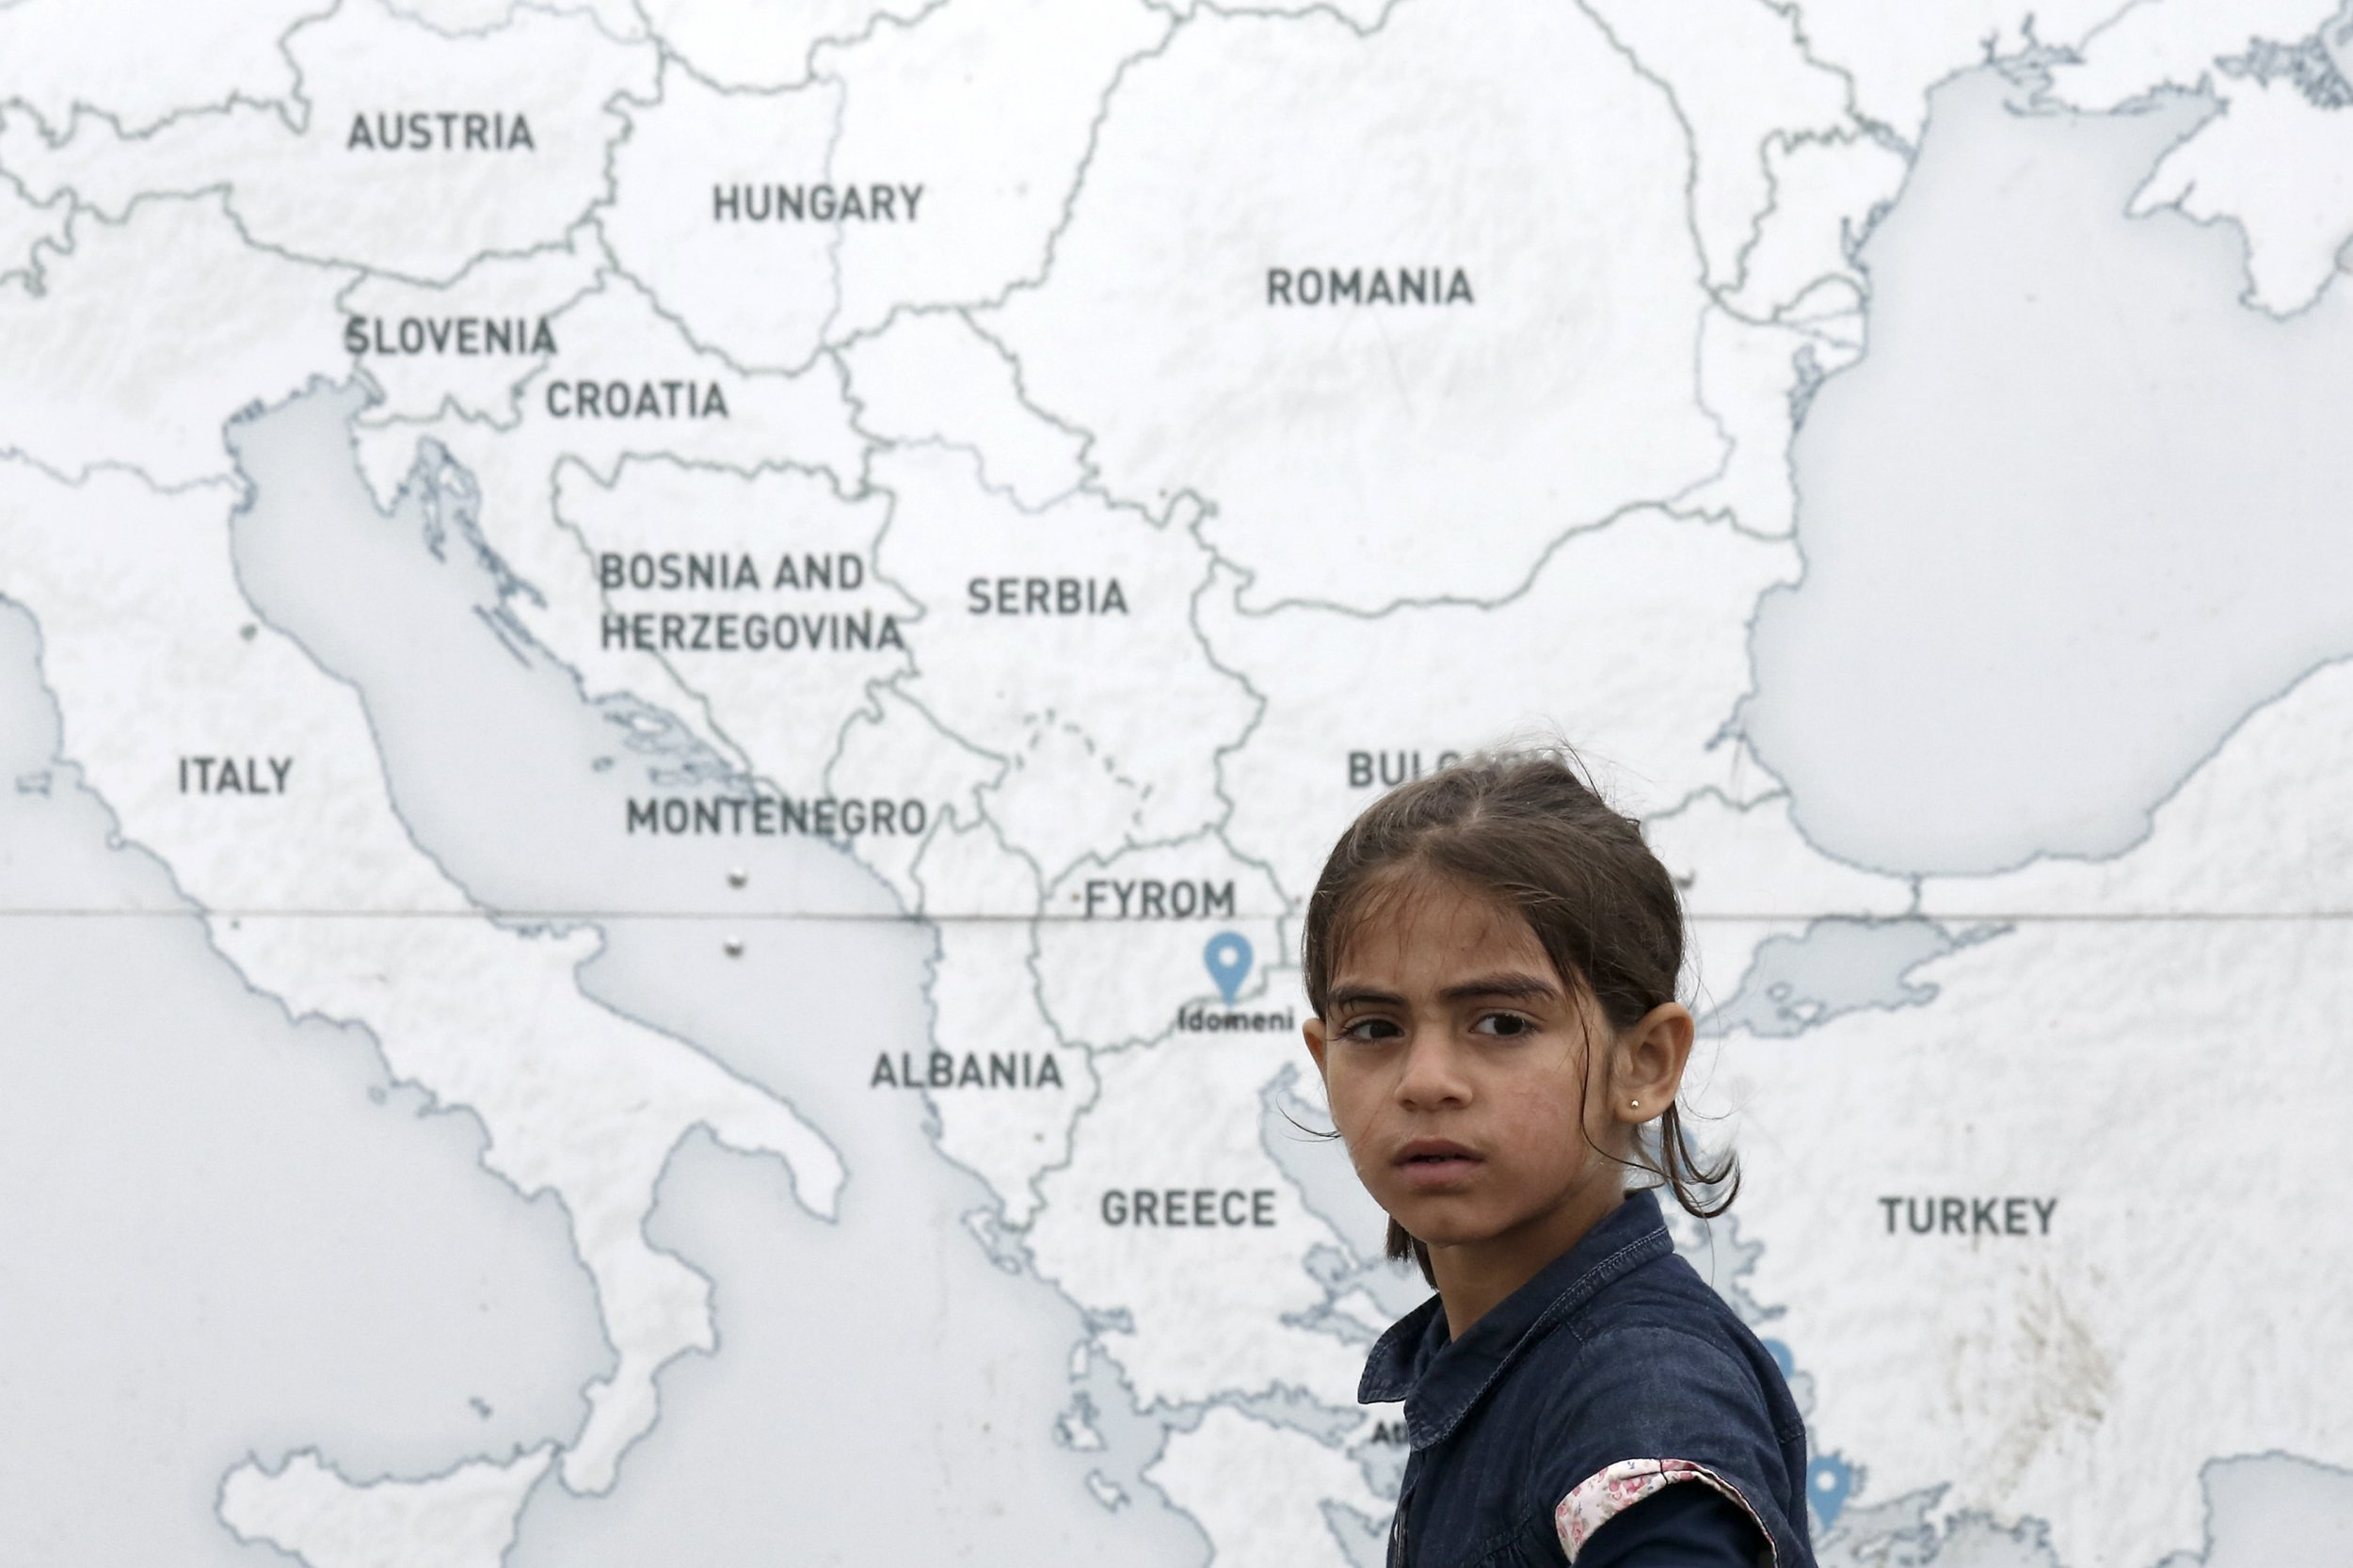 19/05/2016_Refugee Girl